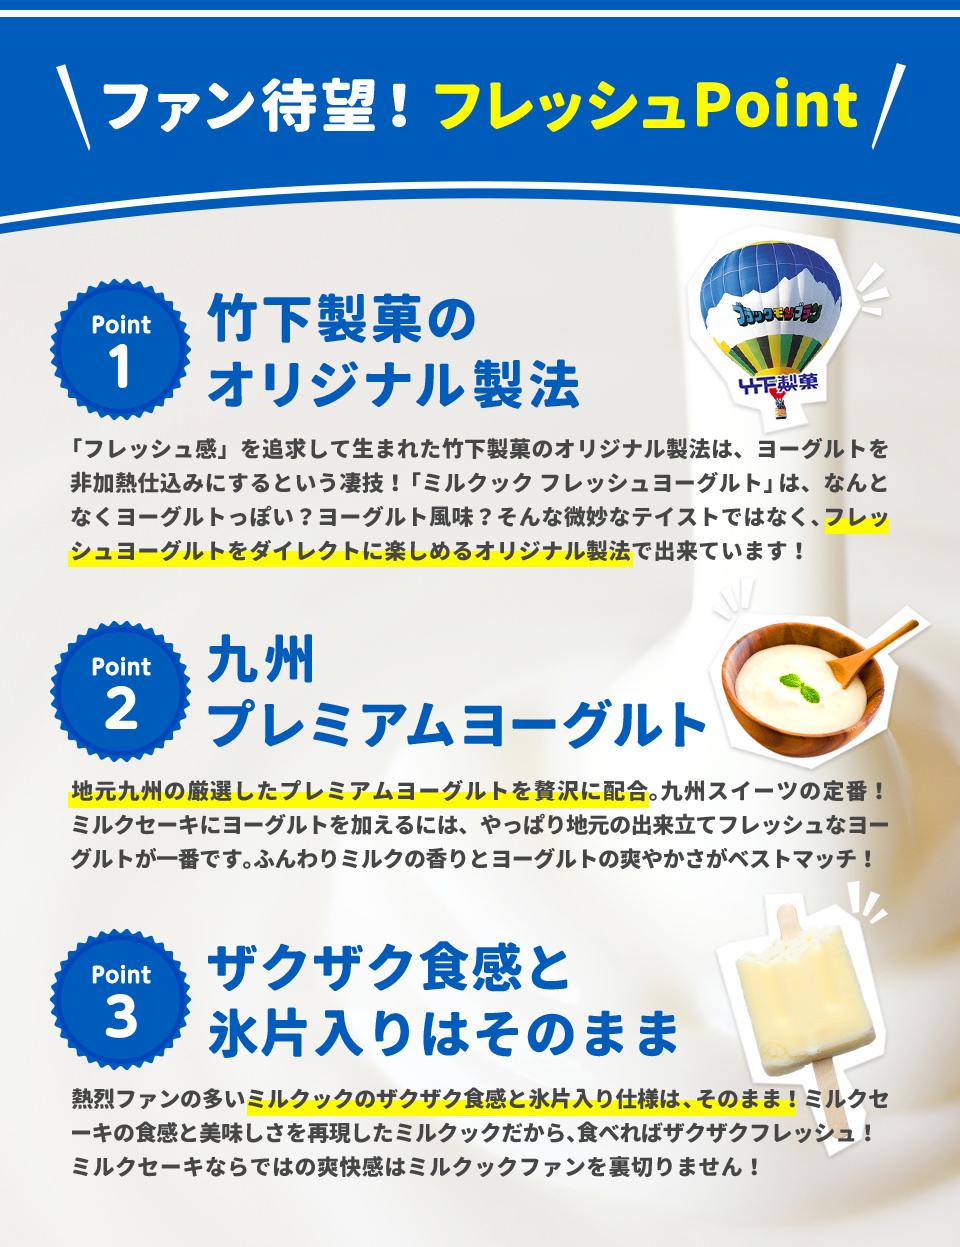 ファン待望!フレッシュ Point 竹下製菓のオリジナル製法 九州プレミアムヨーグルト ザクザク食感と氷片入りはそのまま